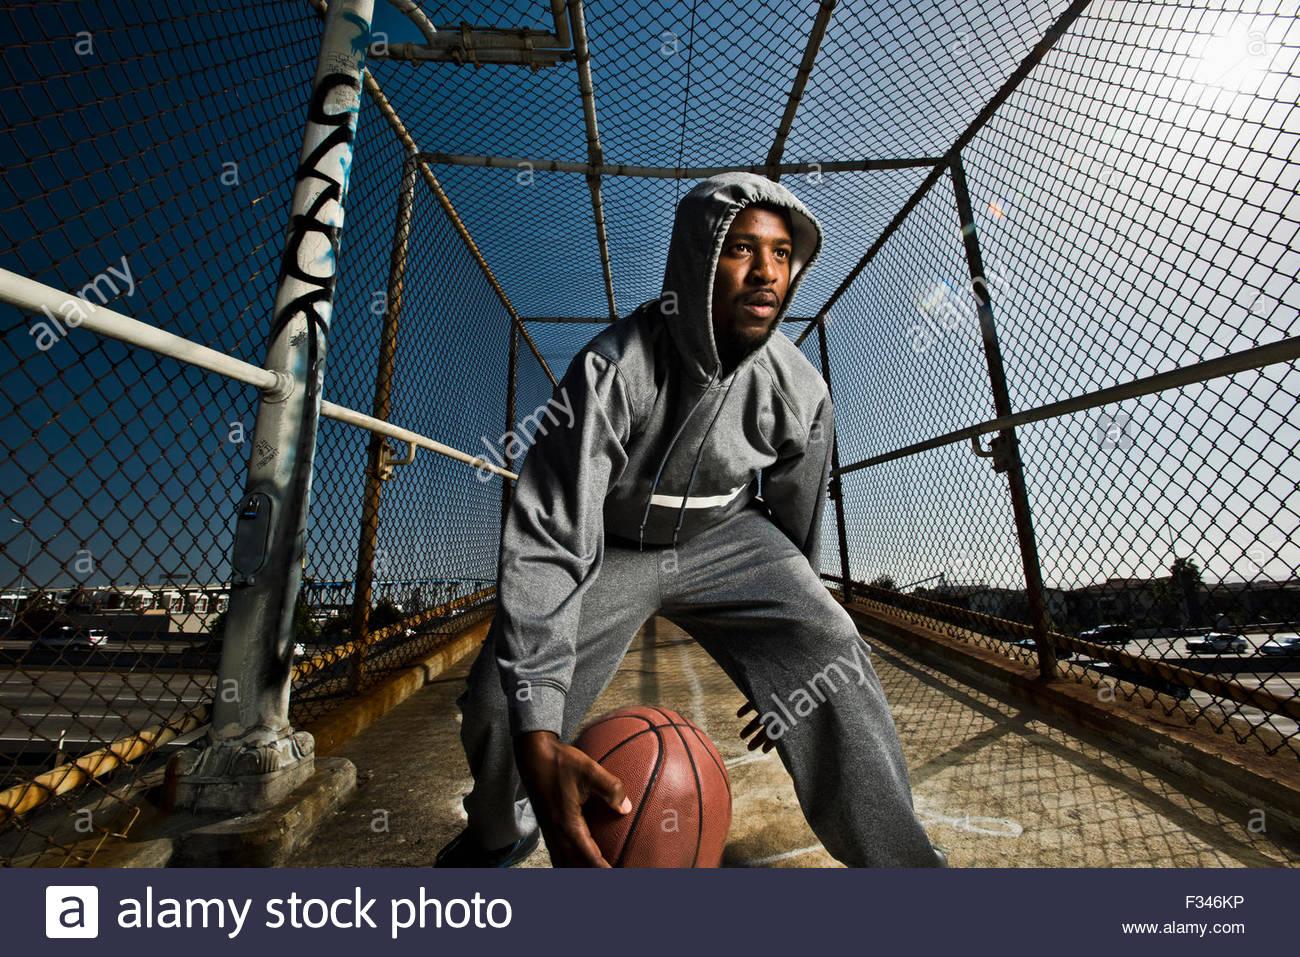 Un jeune homme de jouer avec un ballon de basket-ball. Photo Stock